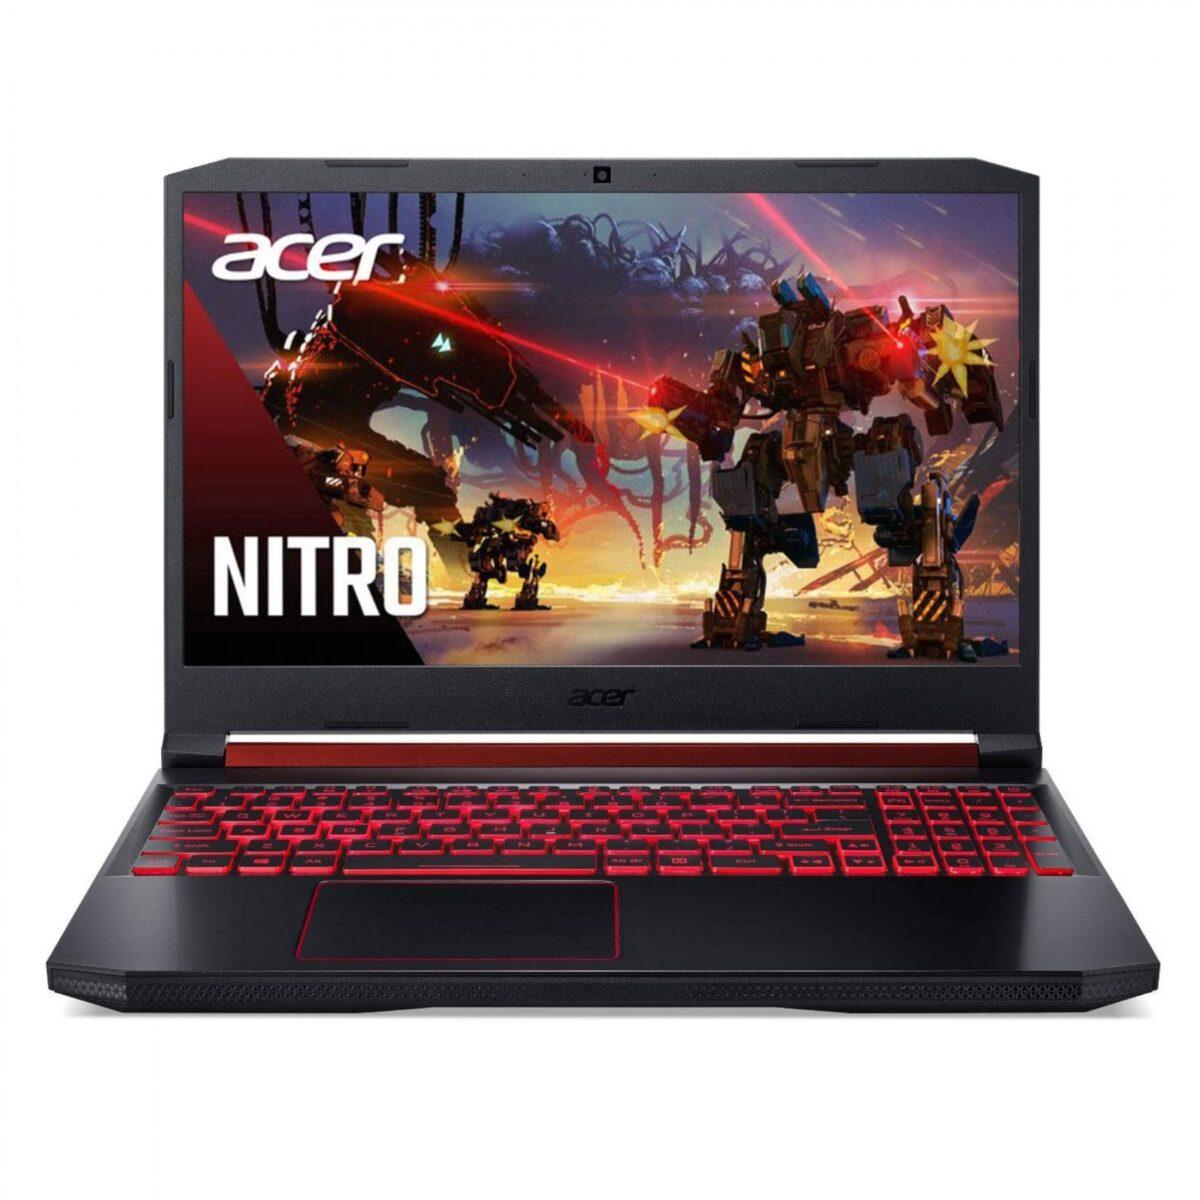 لپ تاپ گیمینگ Acer Nitro 5 AN515-55-7149